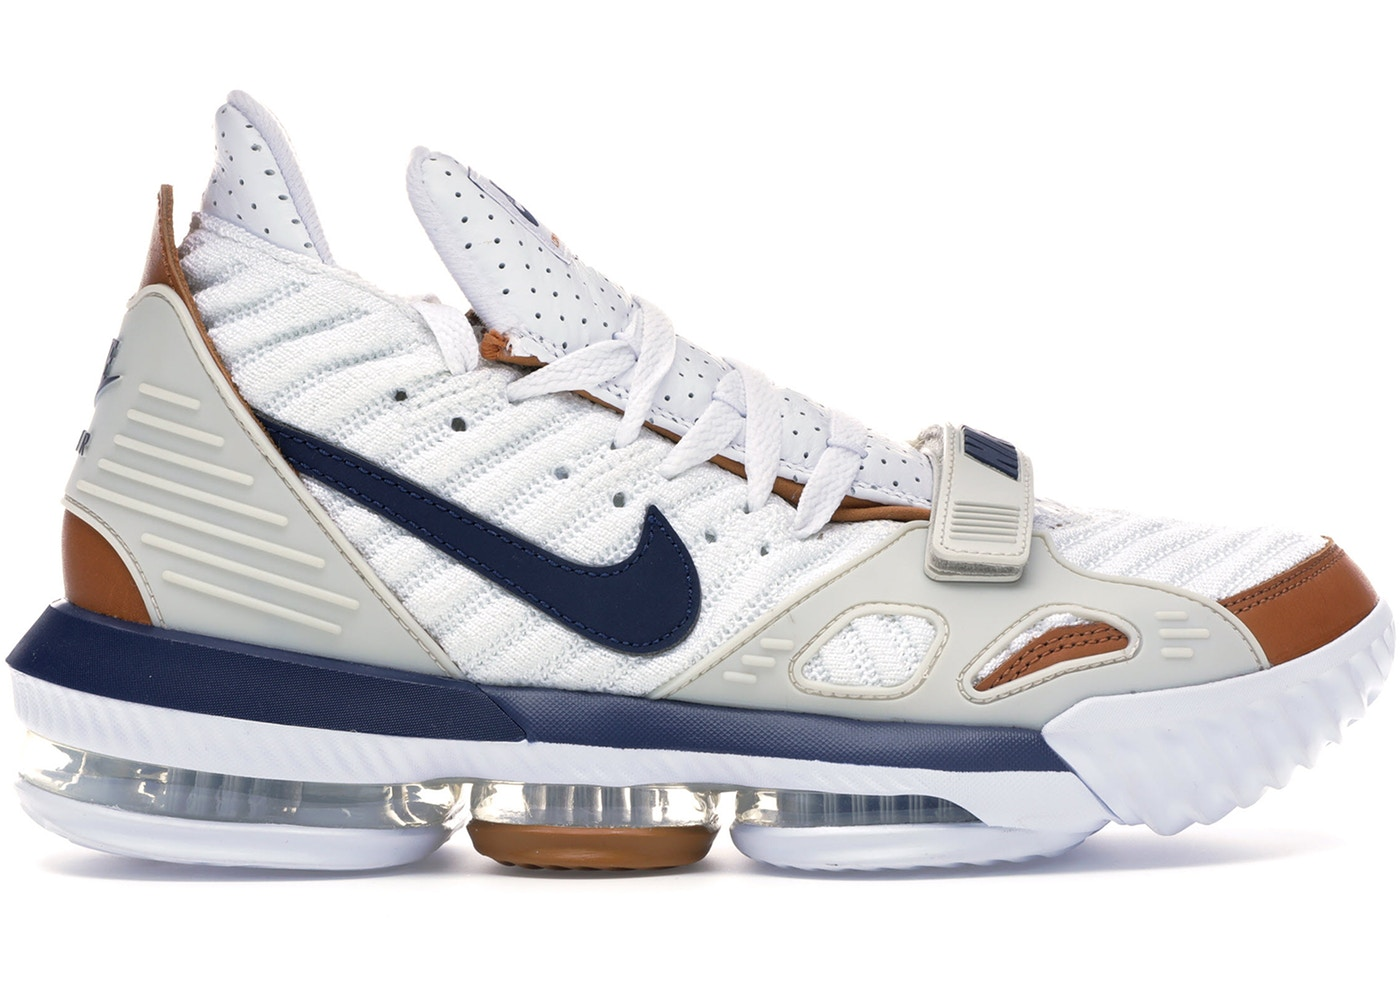 ナイキ メンズ レブロン16 Nike Lebron 16